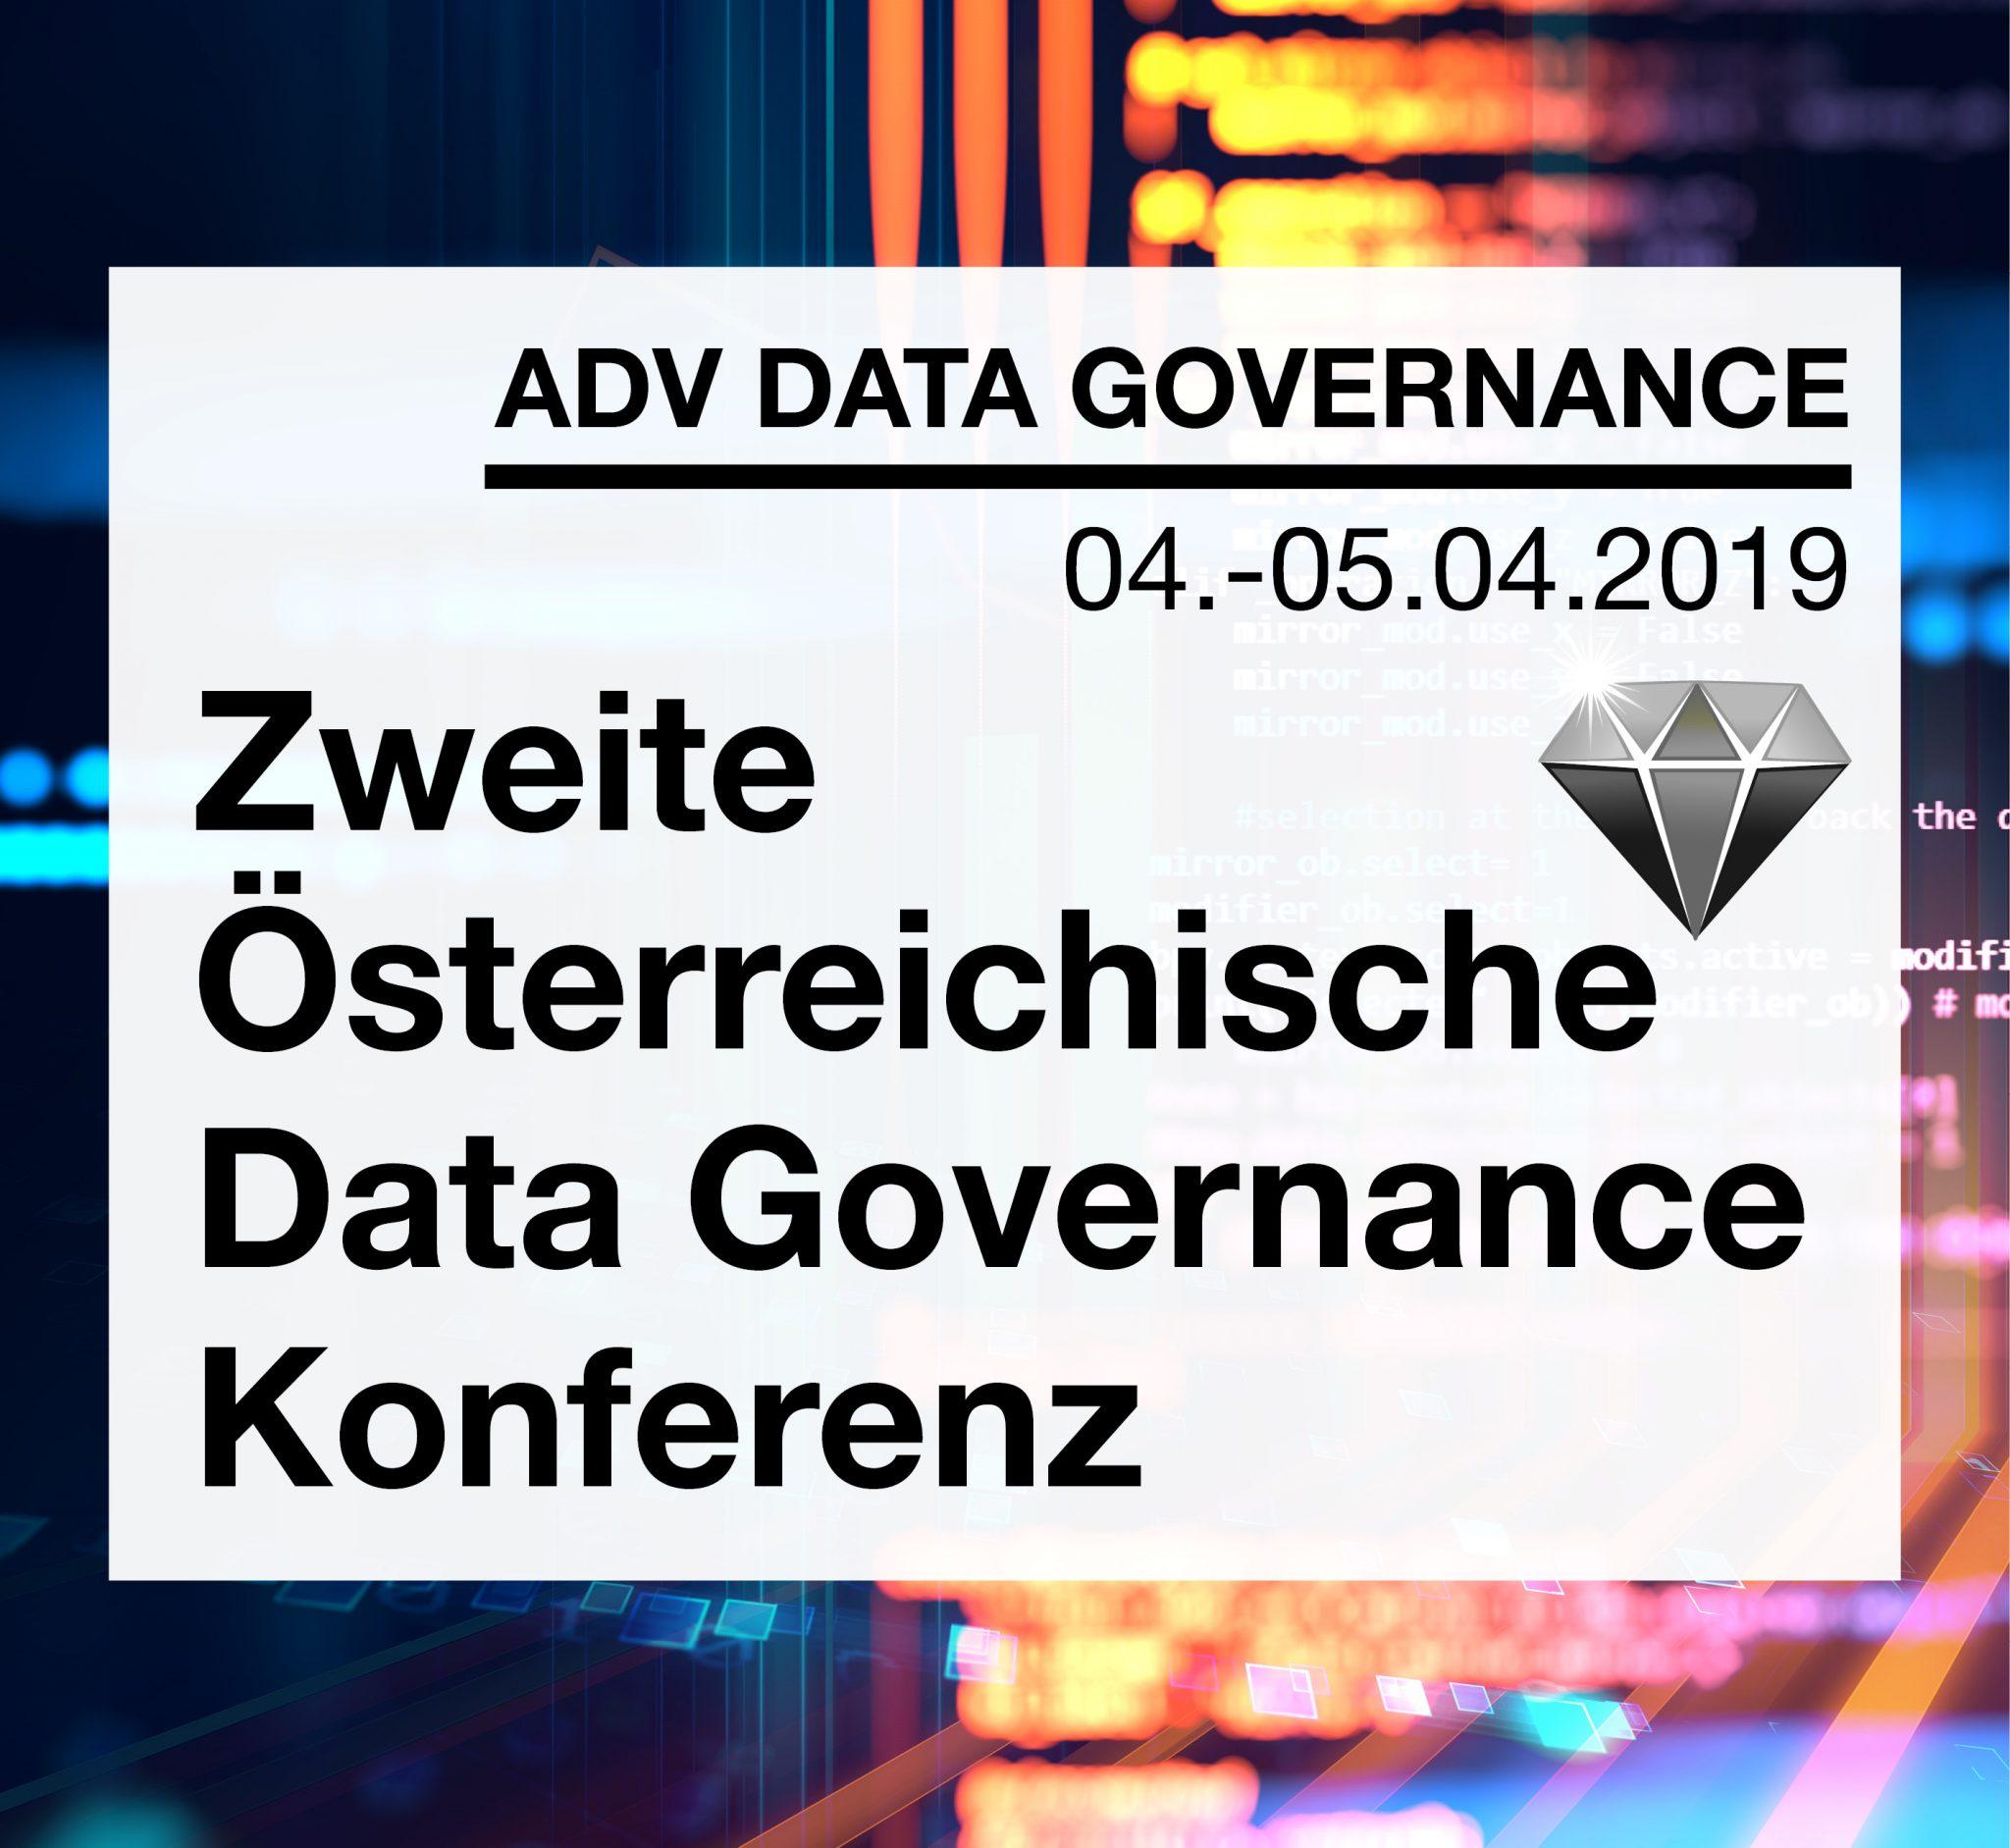 Zweite Österreichische Data Gov Konferenz